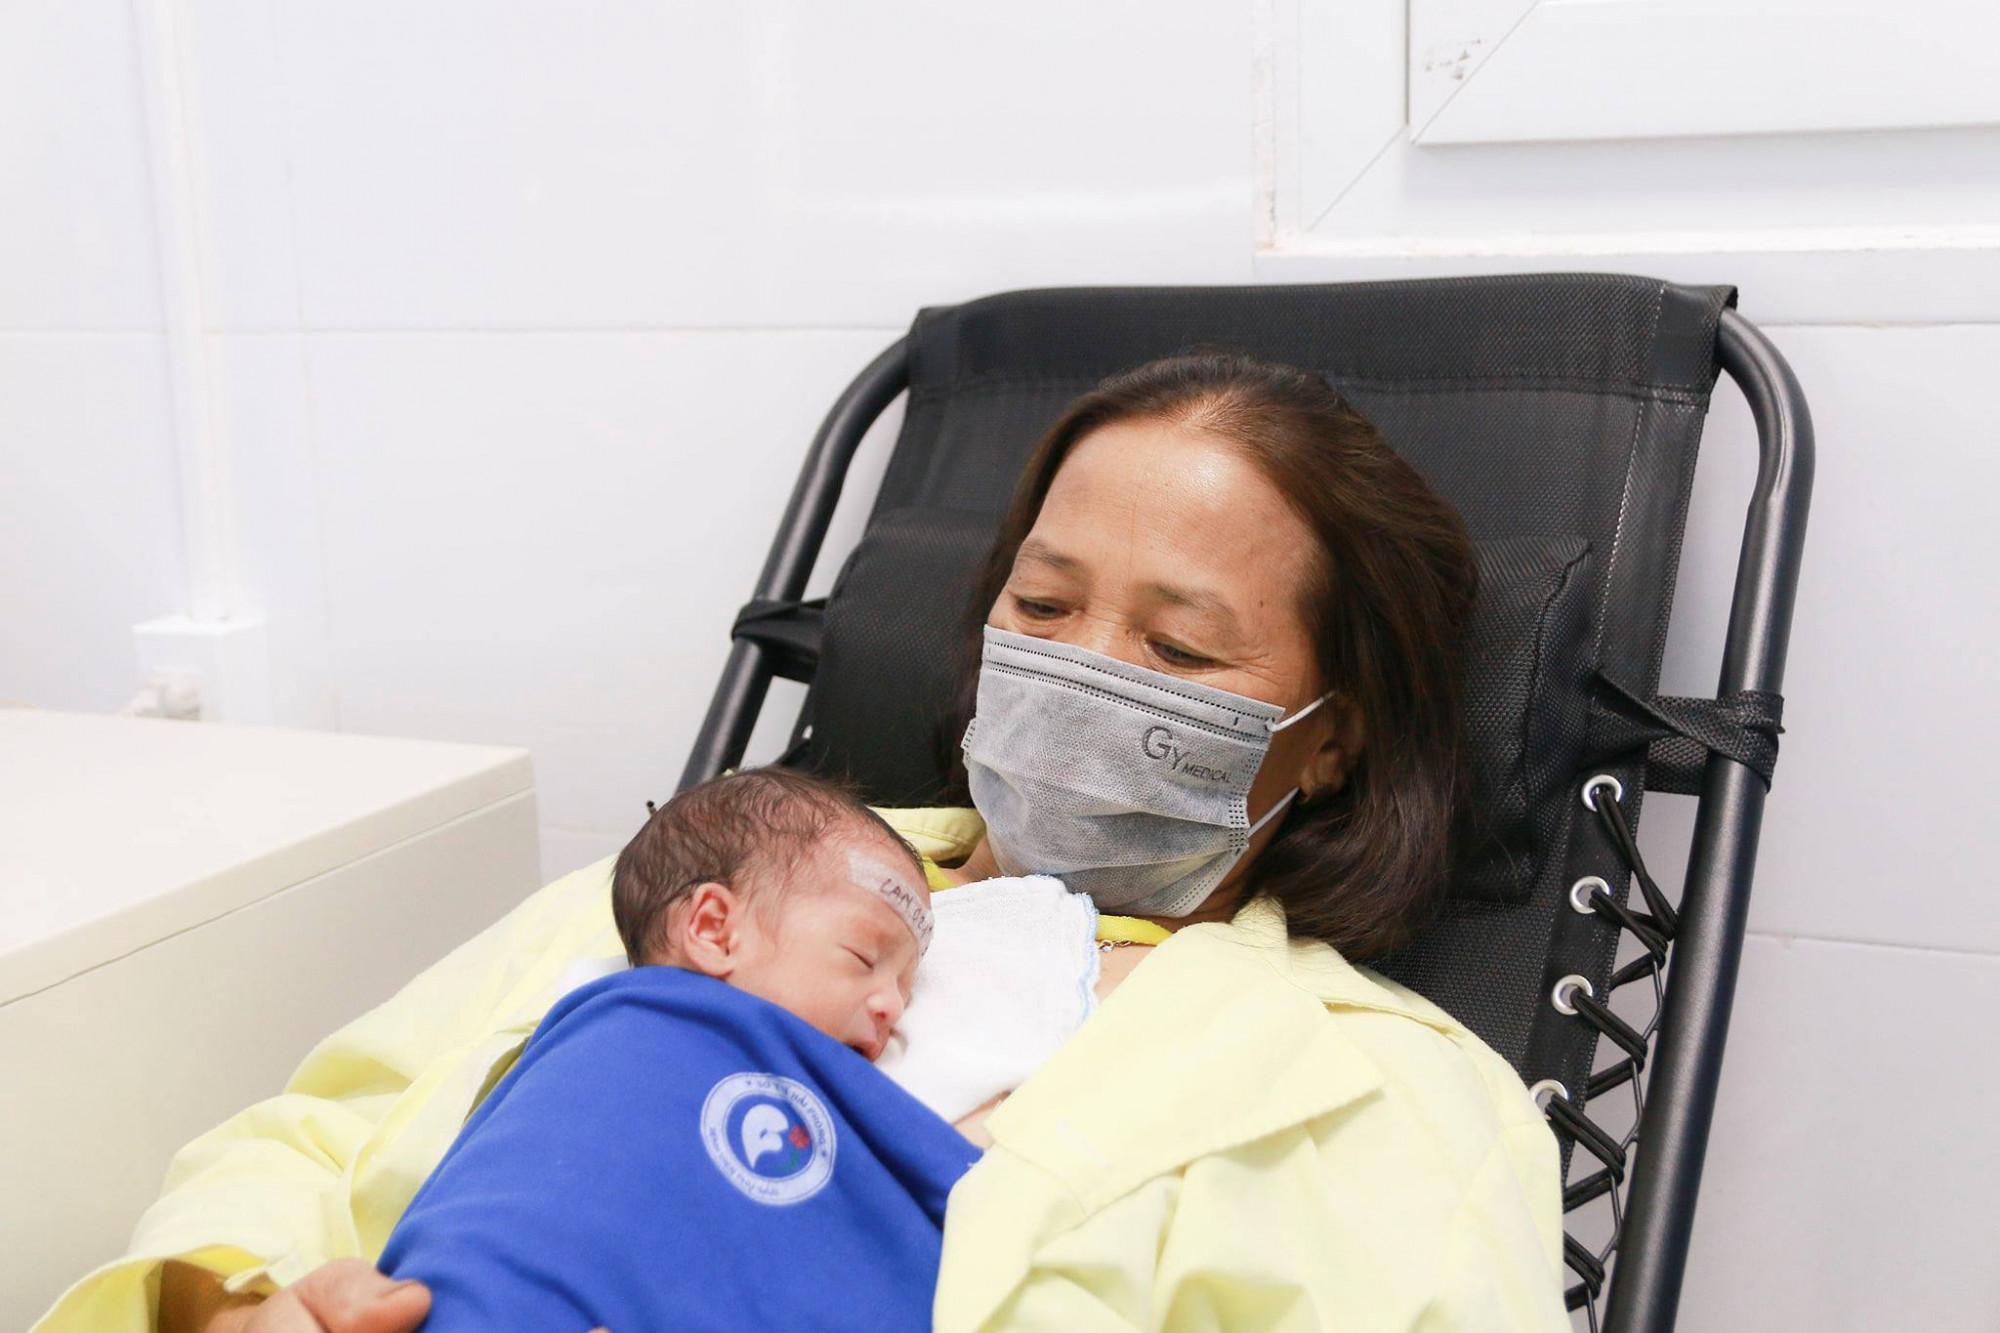 Hiện tại hai con của sản phụ đã ổn định, có thể ra viện với mẹ trong vài ngày tới